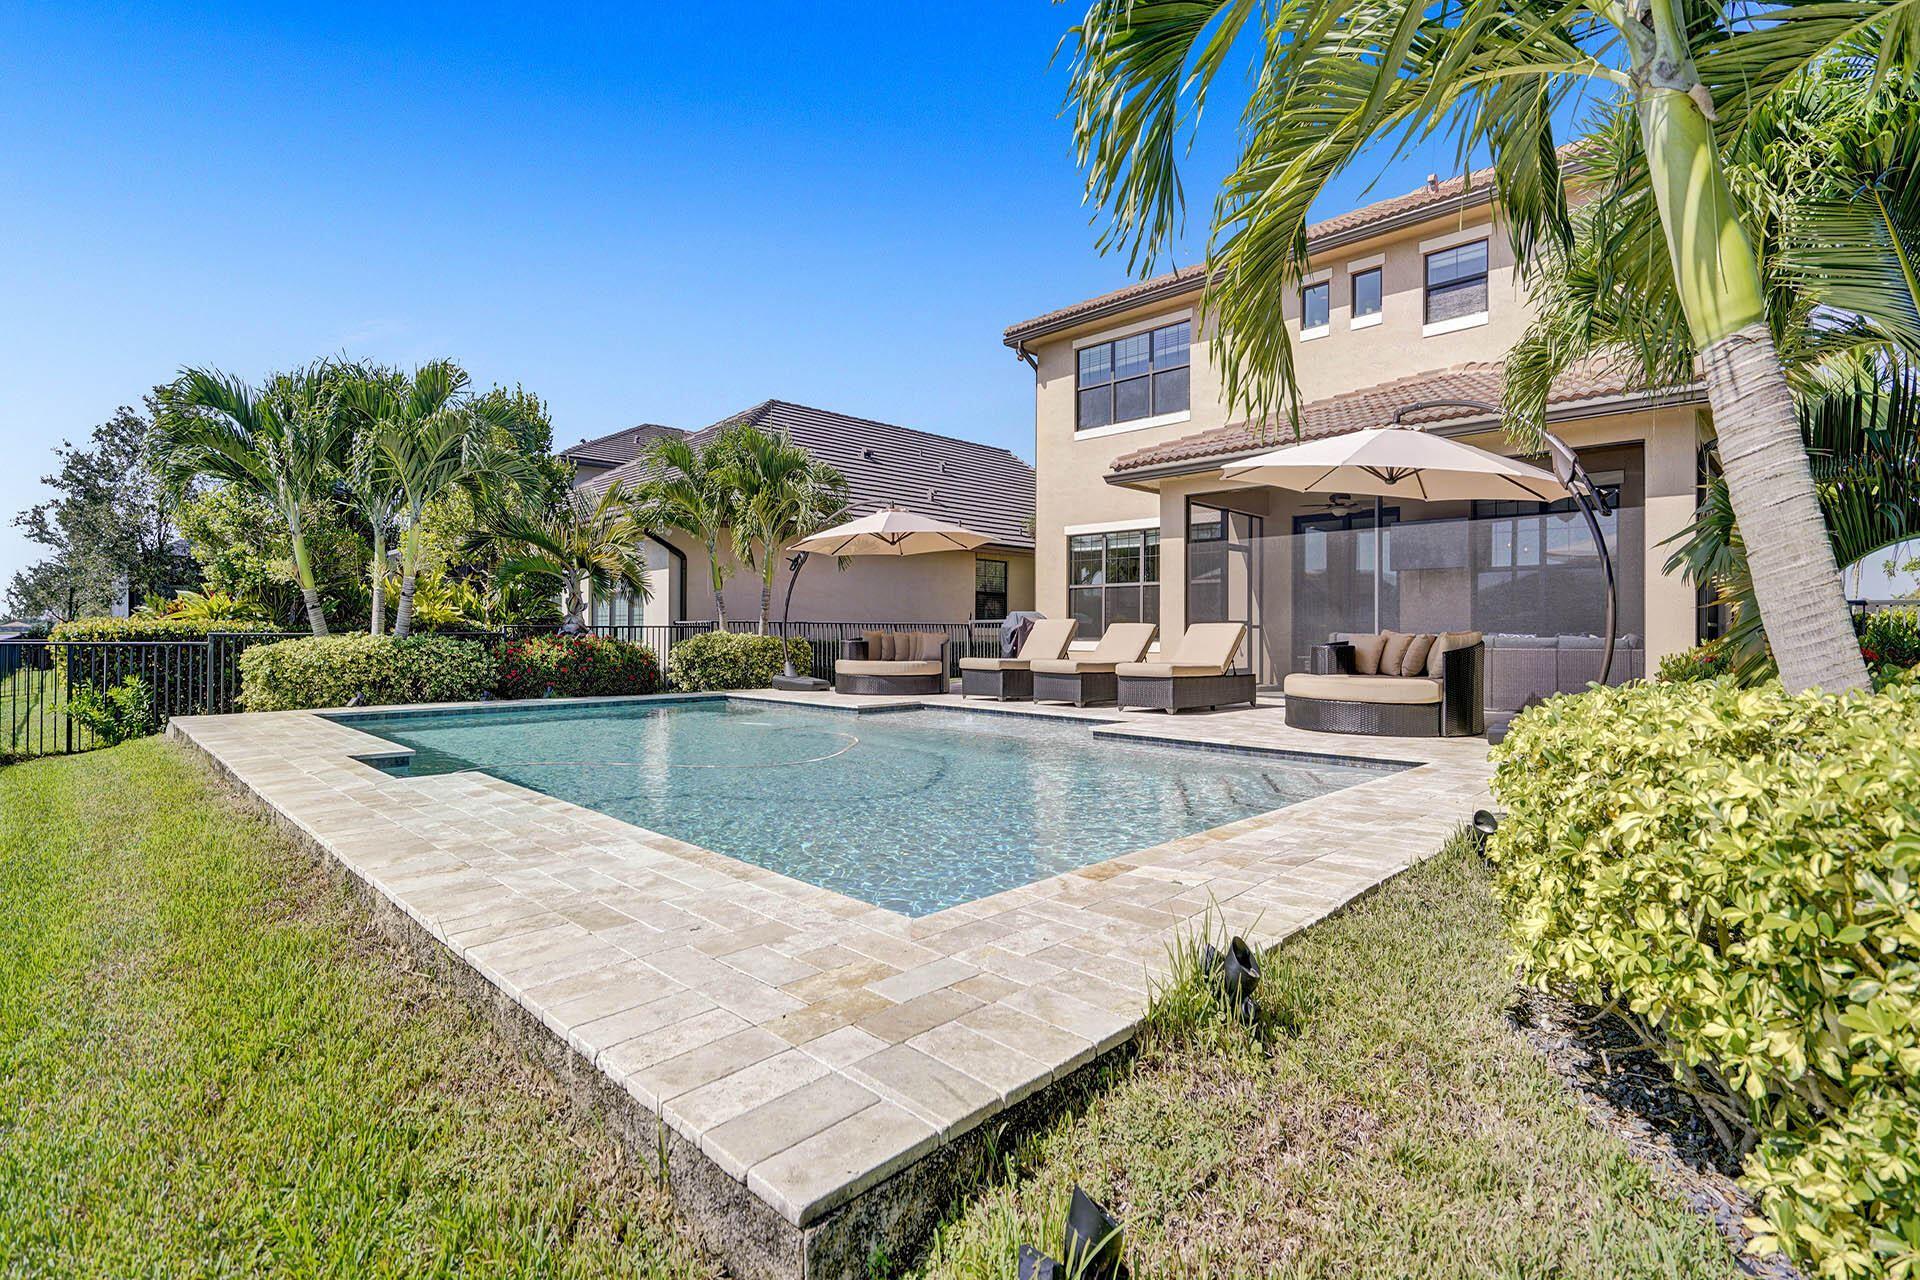 Photo of 8990 Carrington Avenue, Parkland, FL 33076 (MLS # RX-10750374)